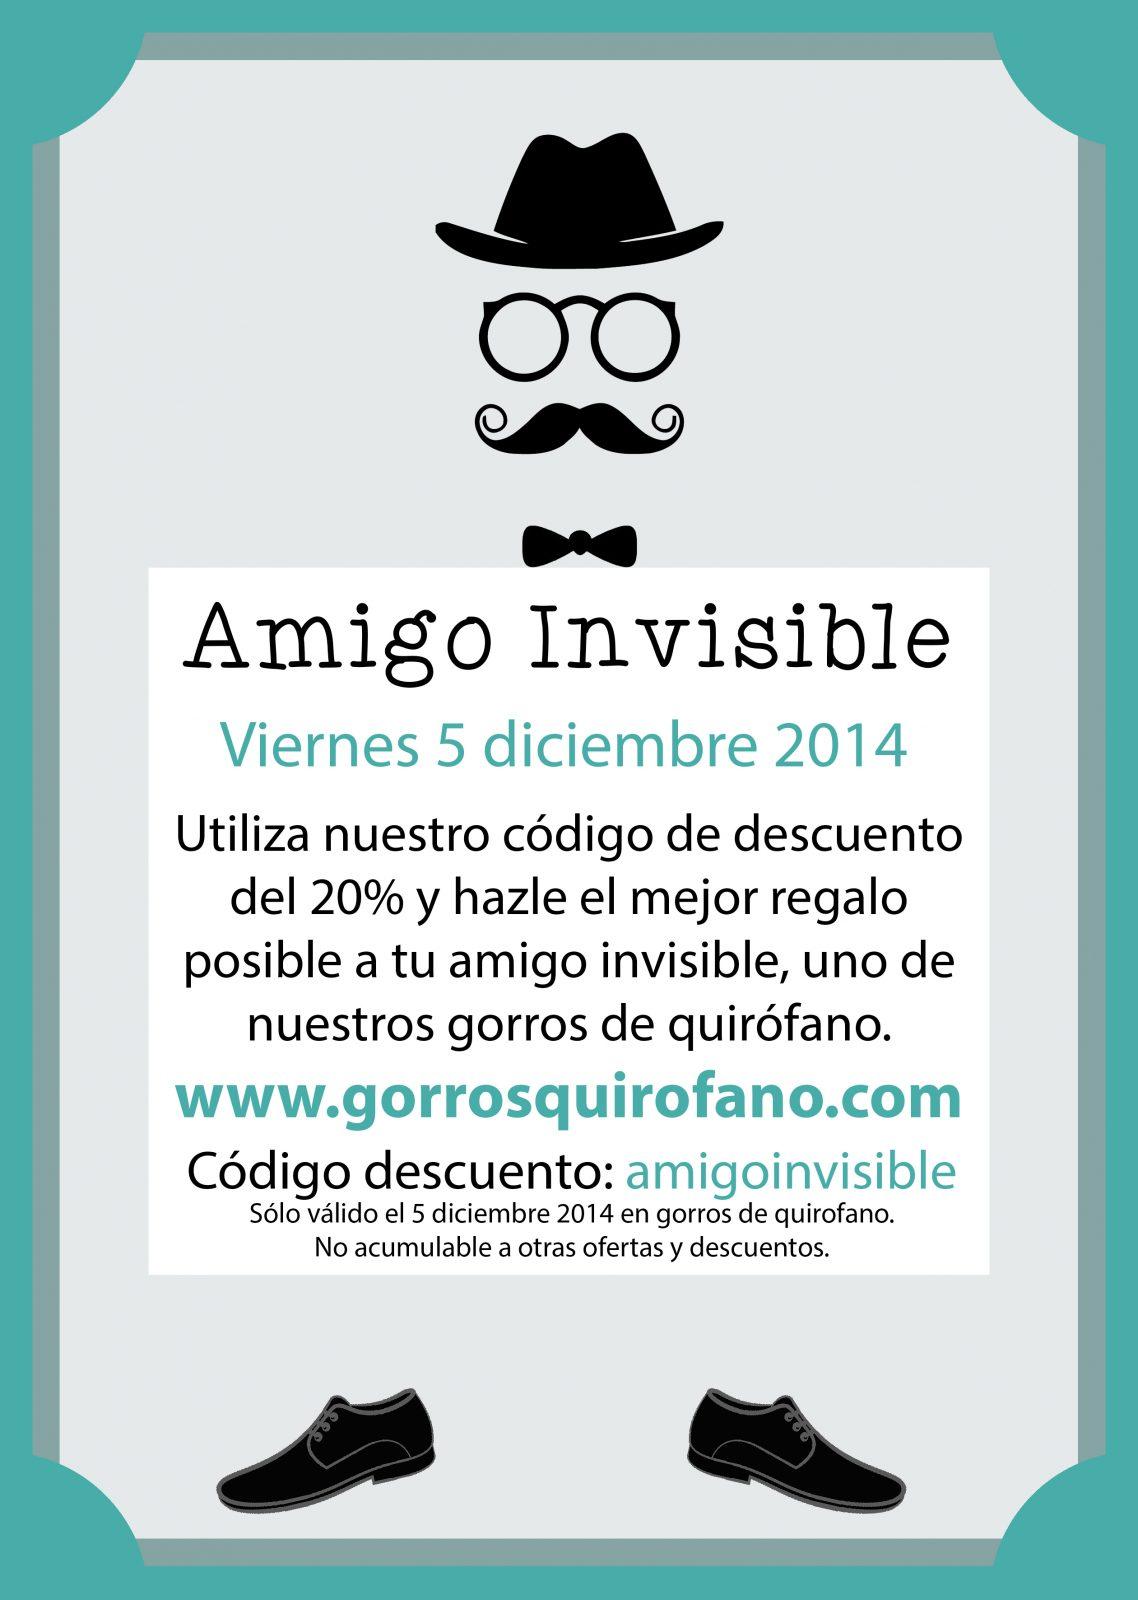 AmigoInvisible gorrosquirofano